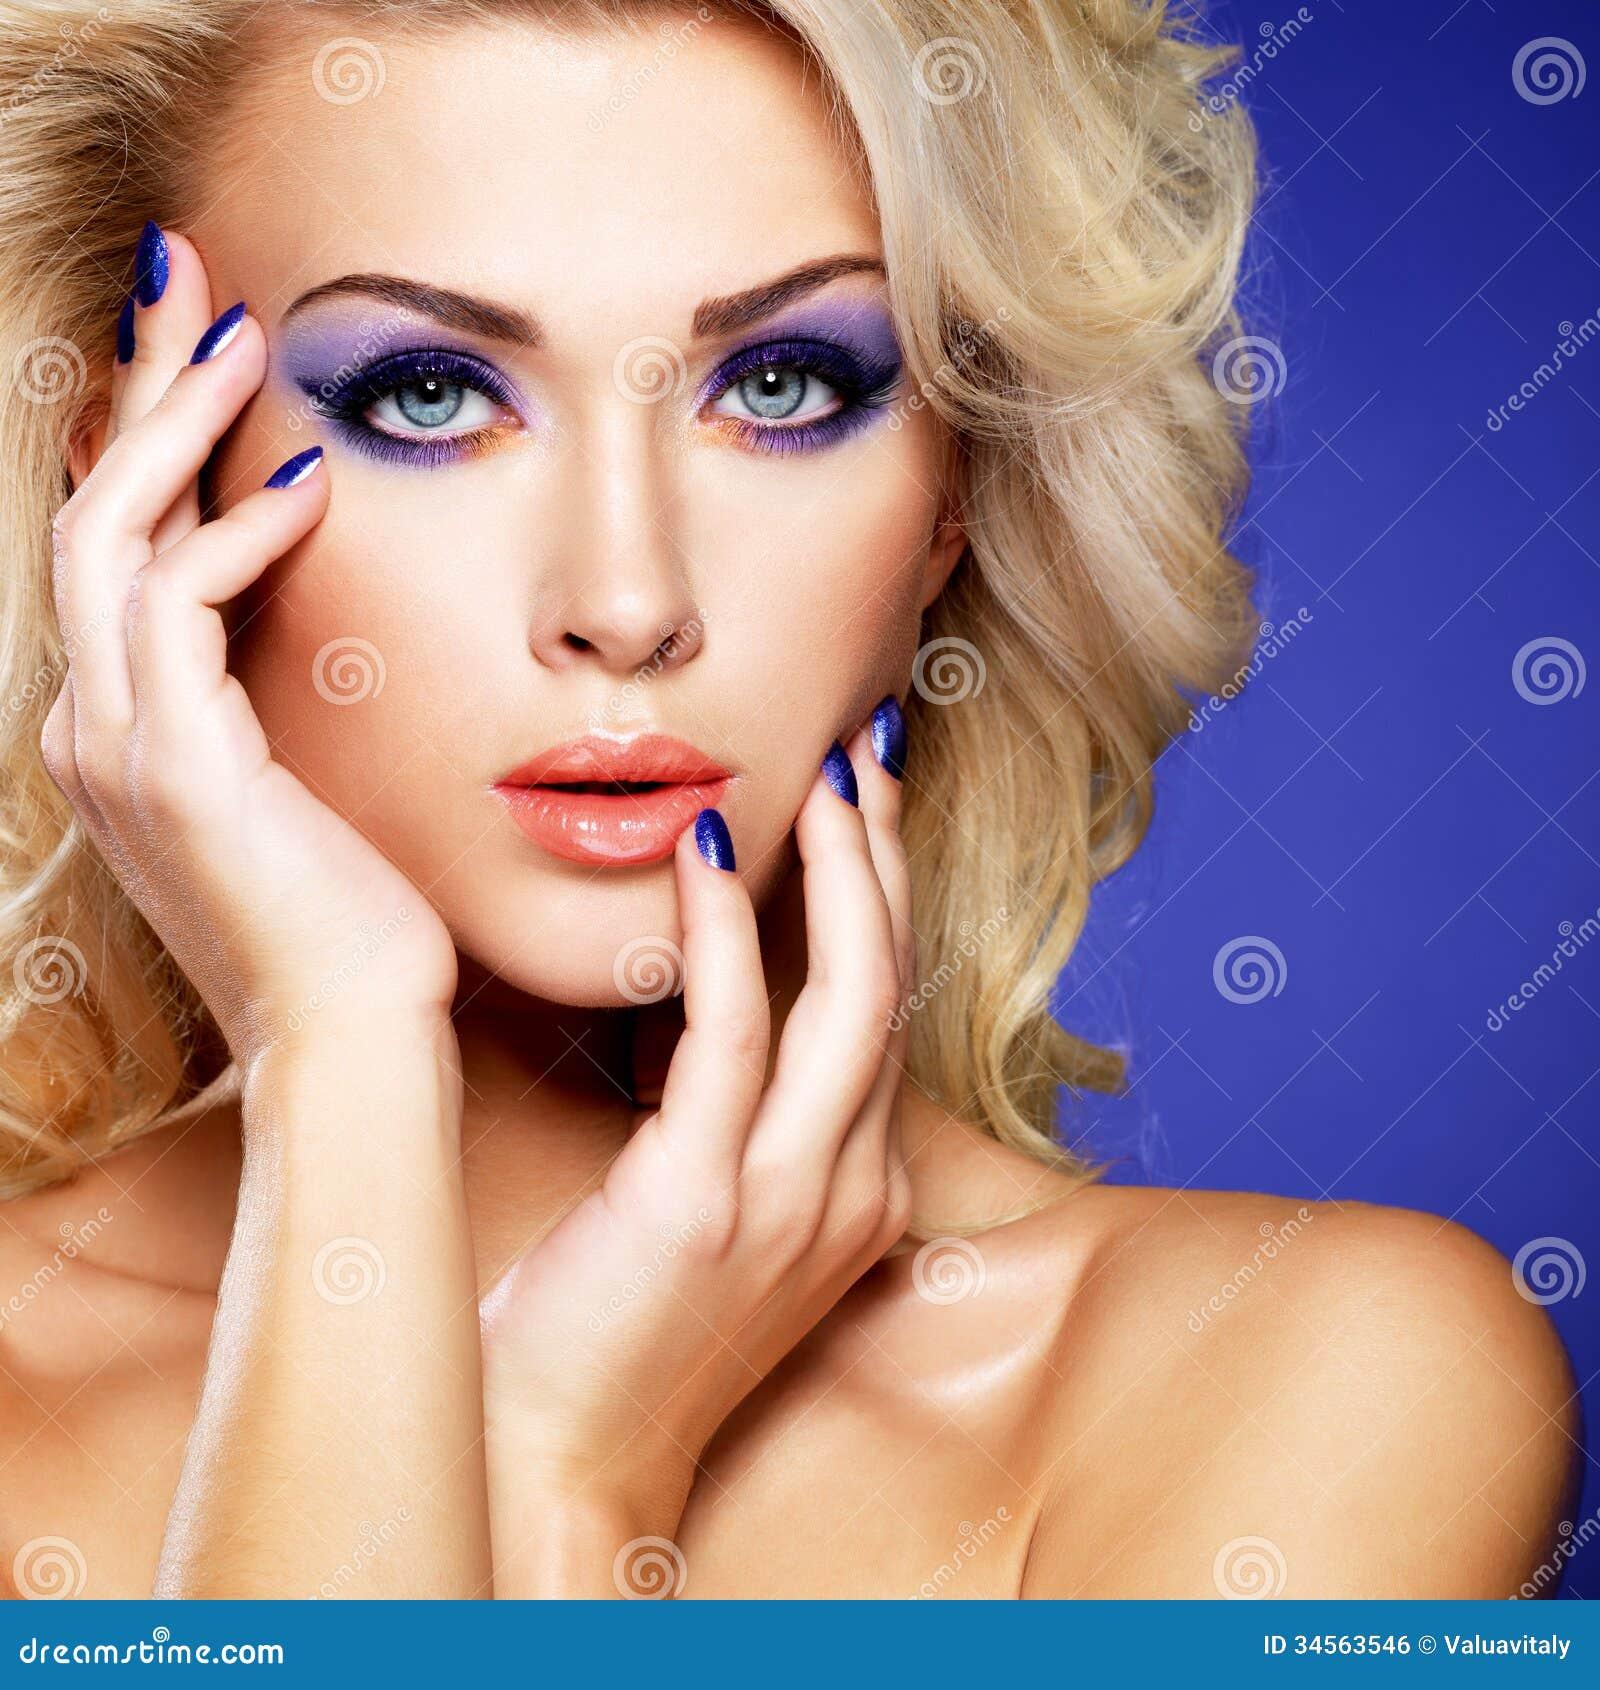 Όμορφη γυναίκα με το πορφυρό μανικιούρ ομορφιάς και makeup των ματιών.